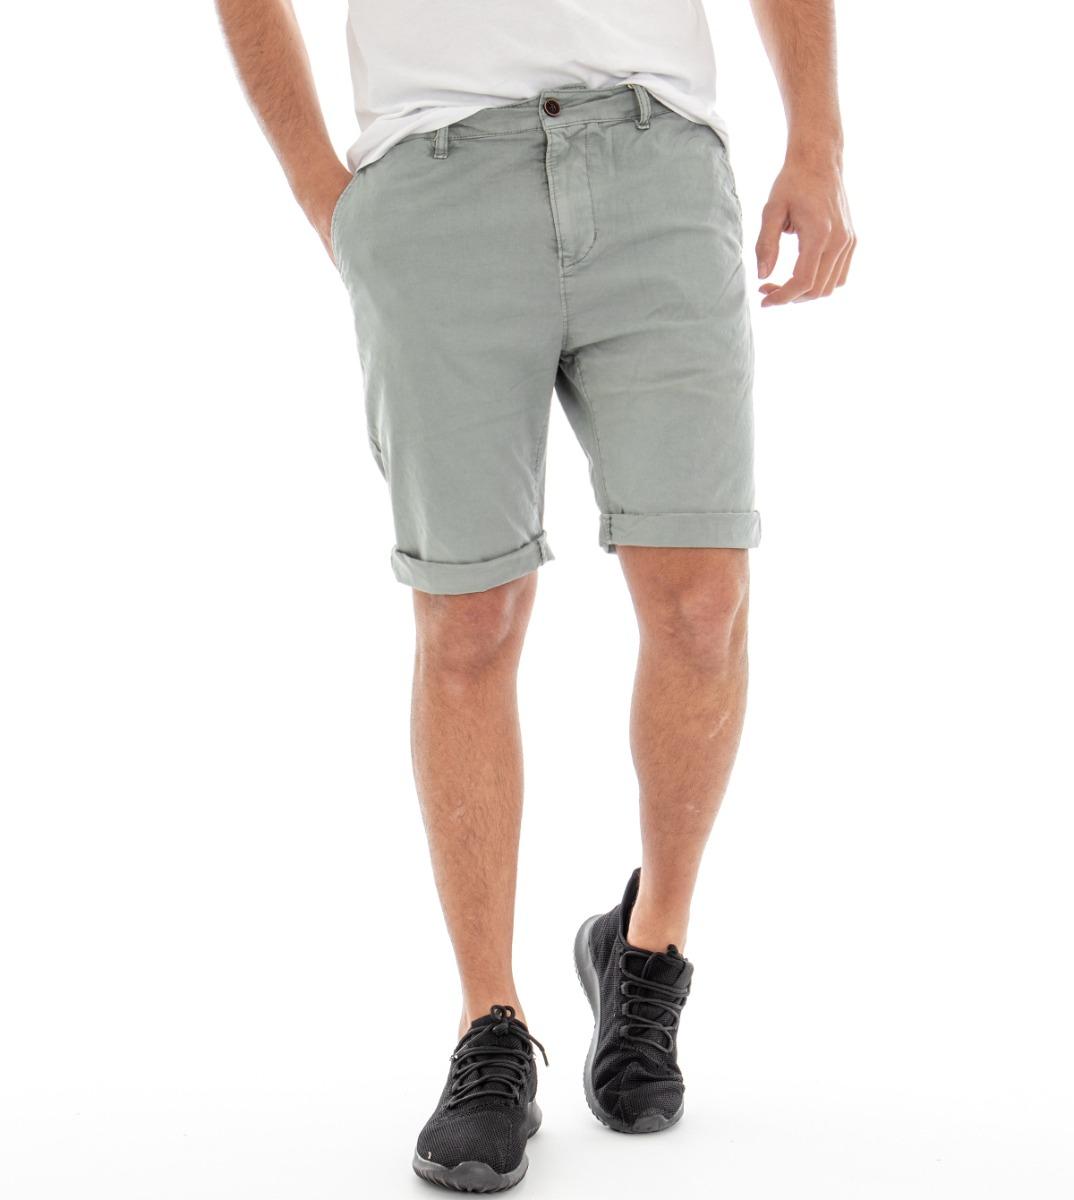 Intelligente Pantalone Uomo Corto Bermuda Pantaloncini Tasca America Tinta Unita Grigio Sl... Conveniente Da Cucinare